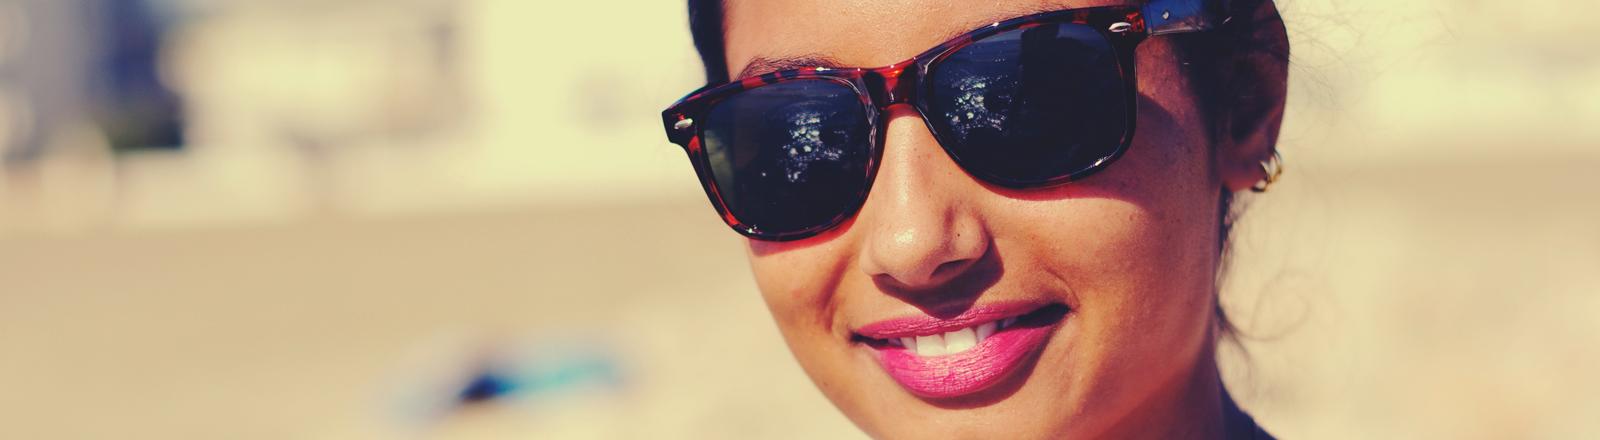 Frau mit Hornbrille